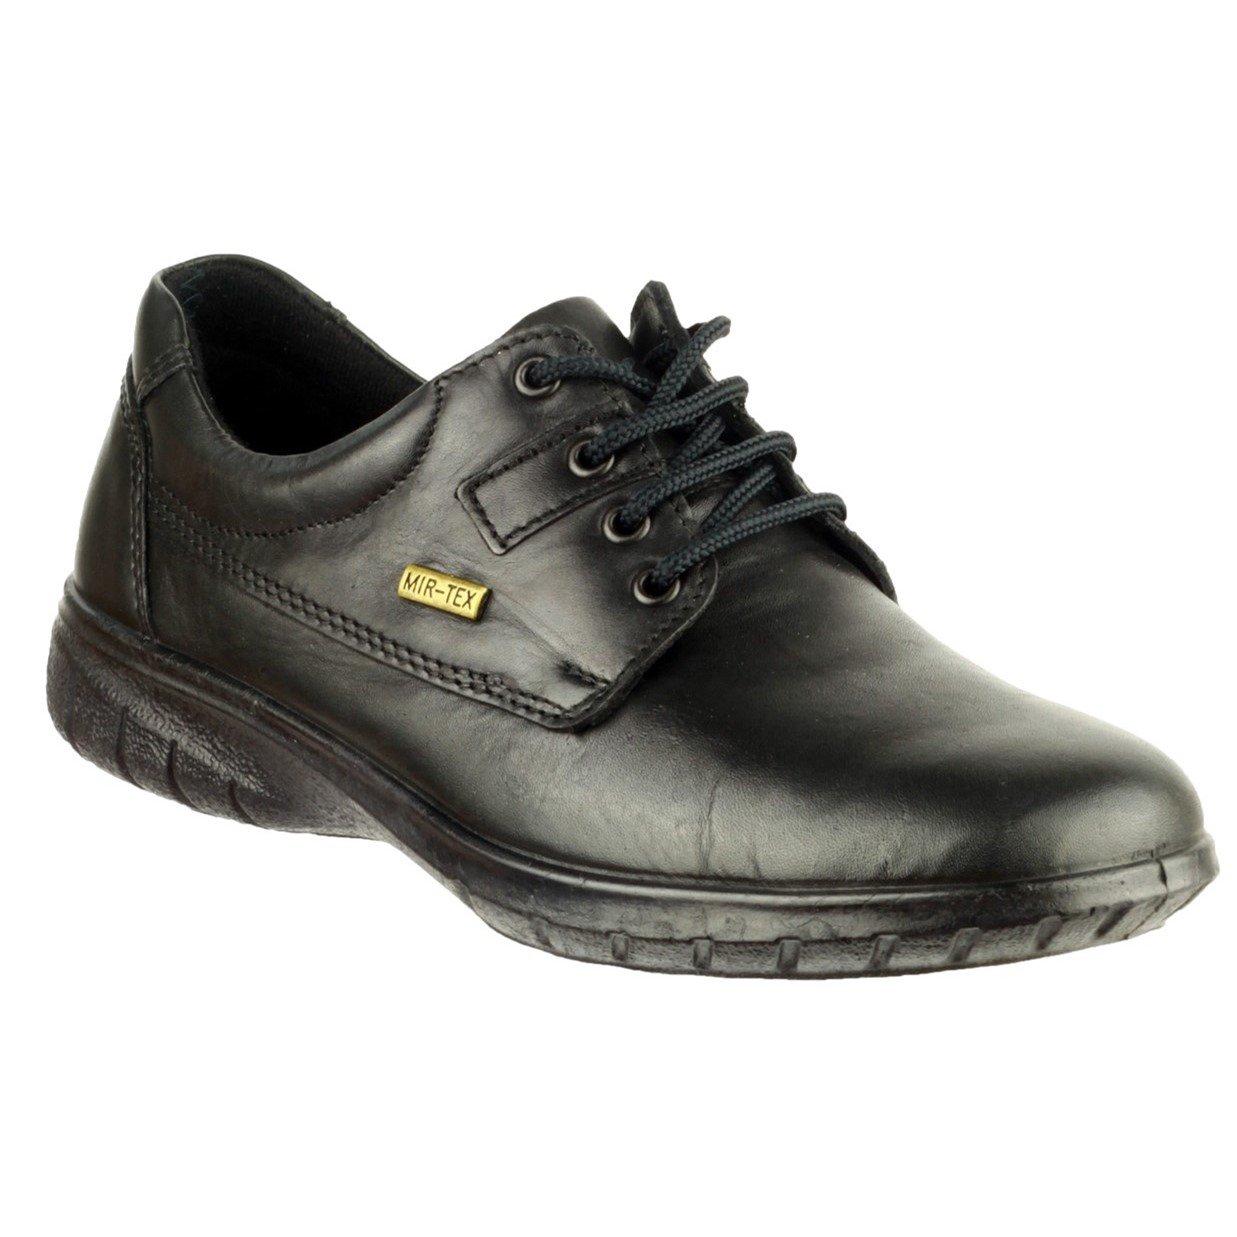 Cotswold Women's Ruscombe Waterproof Shoe Black 32982 - Black 7